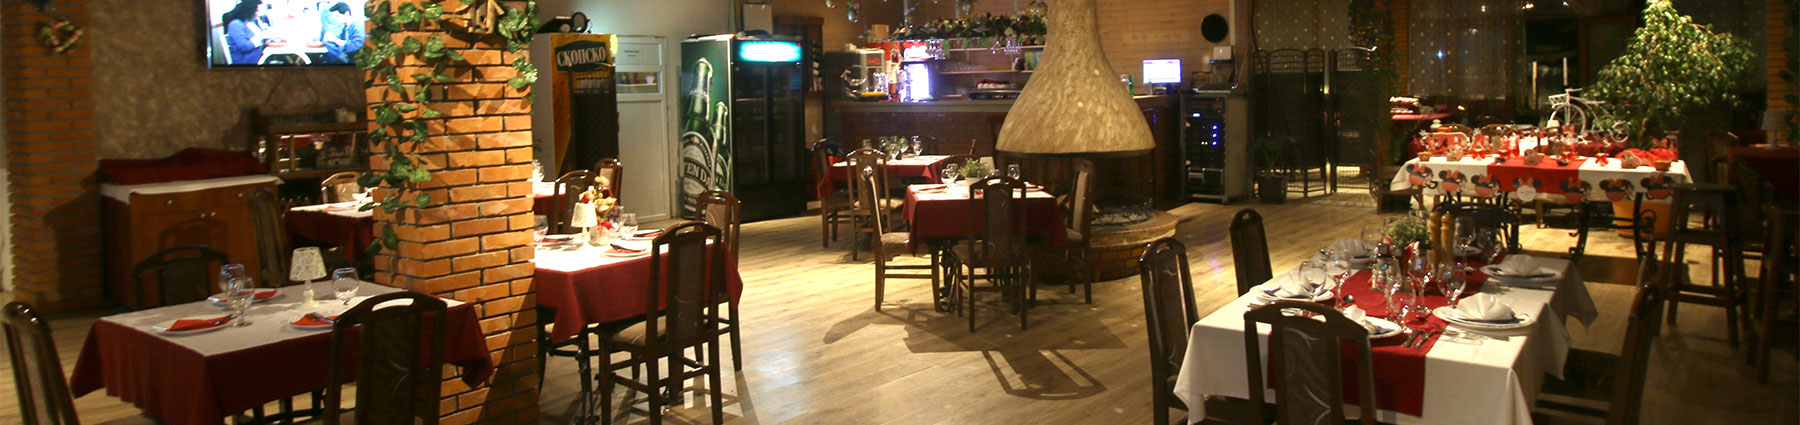 Restaurant Kamin Kama